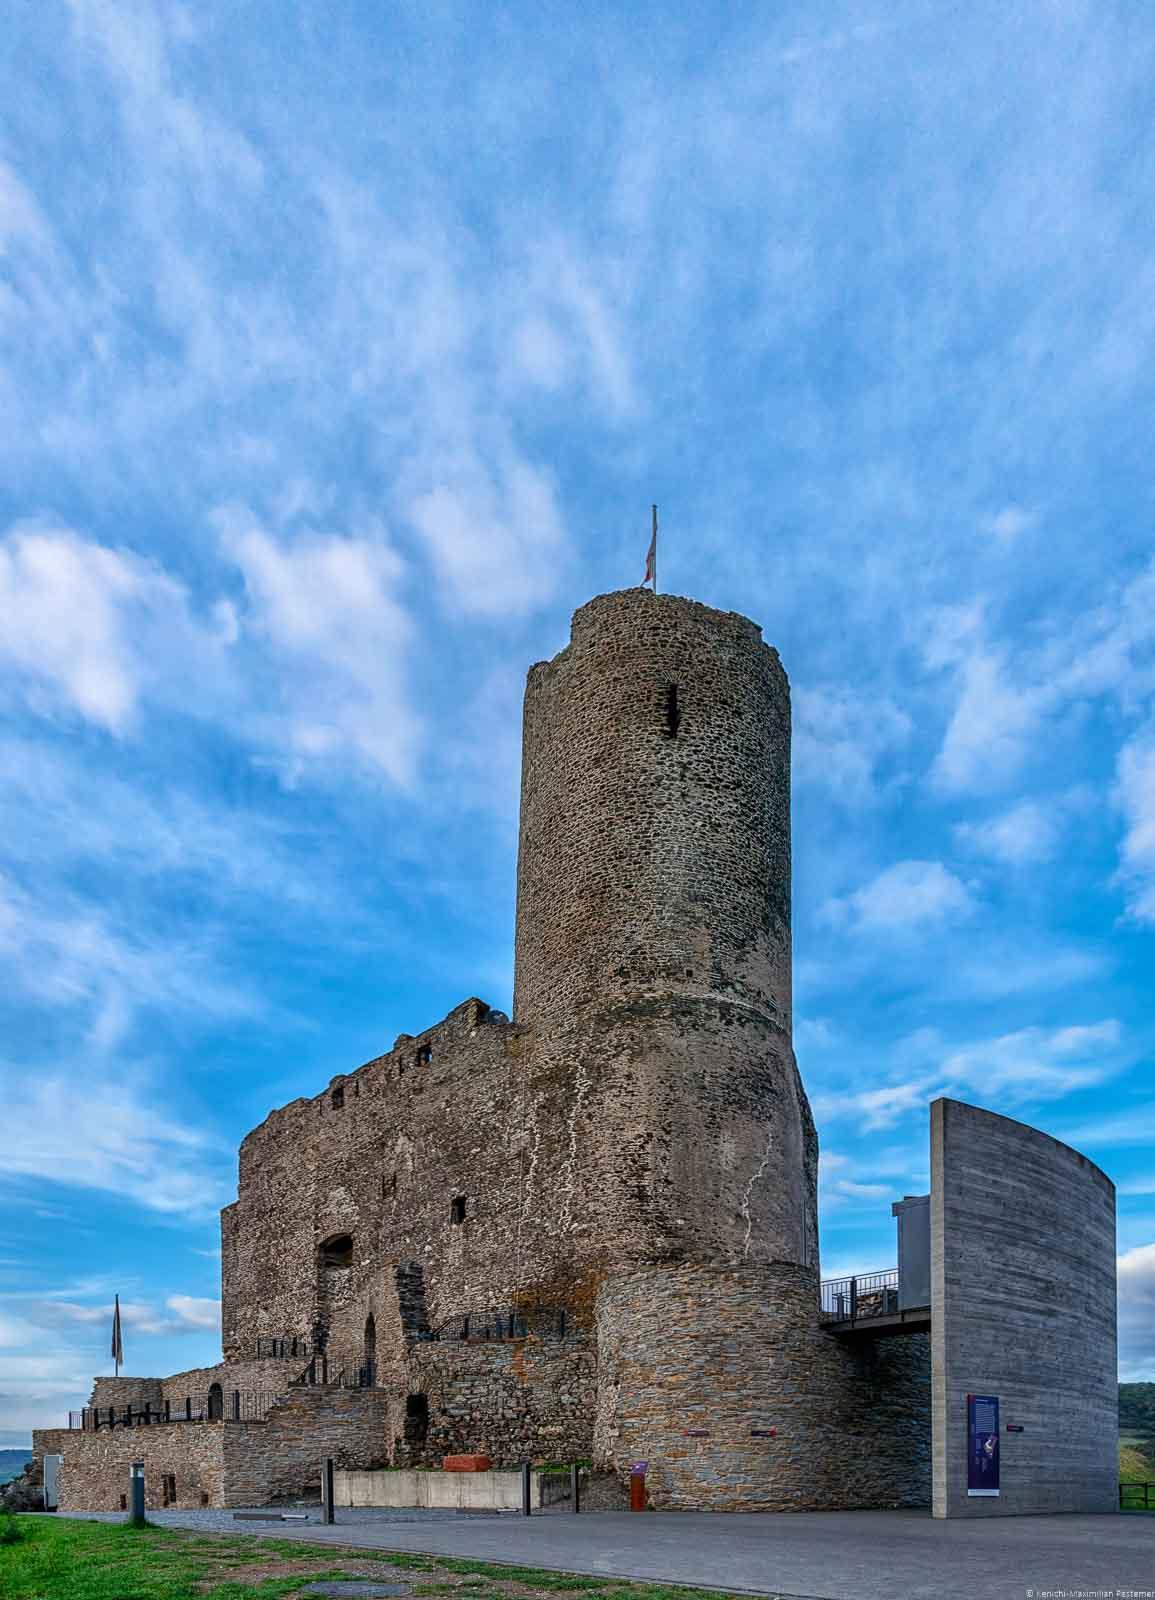 Oberhalb von Bernkastel-Kues liegt die Burgruine Grevenburg. Runde im die Grevenburg ist blauer Himmel mit einigen Wolken.